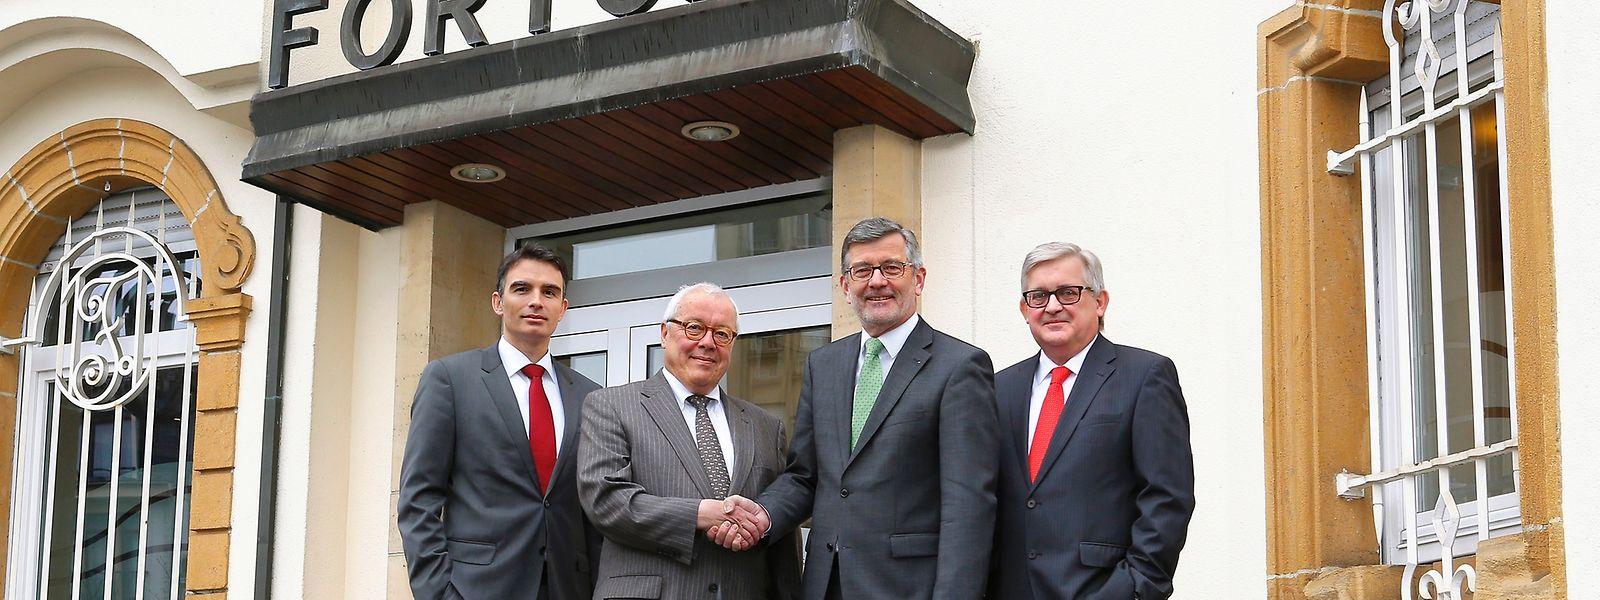 Les nouveaux visages: Jerry Grbic, André Wilwert et son successeur, André Poorters, et Charles Wagener.